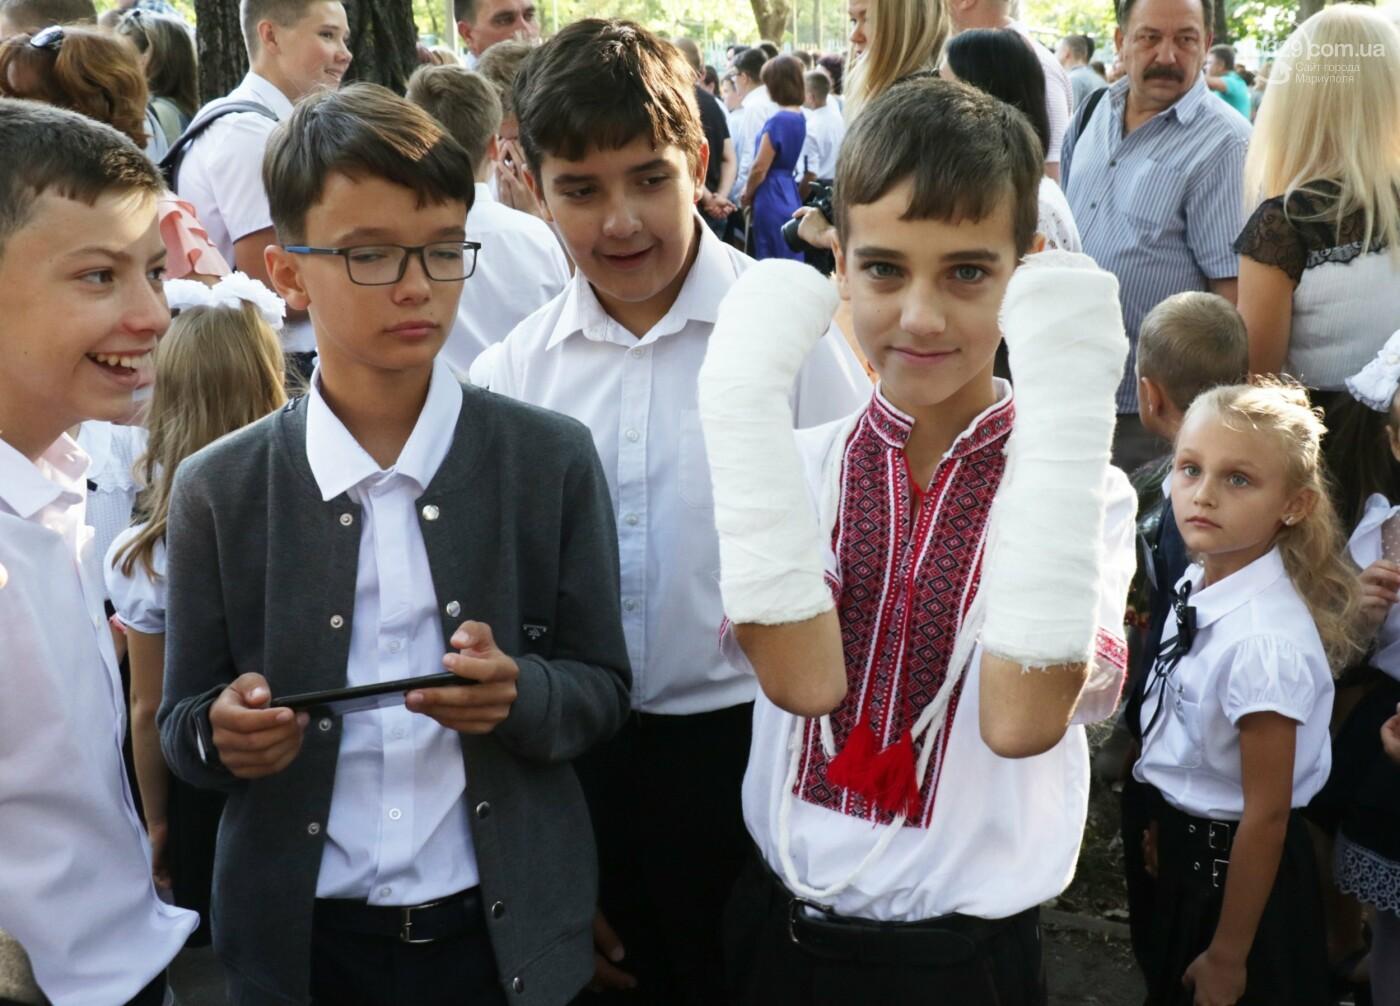 Первый звонок в Новой украинской школе: четыре тысячи первоклашек сели за парты в Мариуполе, - ФОТОРЕПОРТАЖ, фото-15